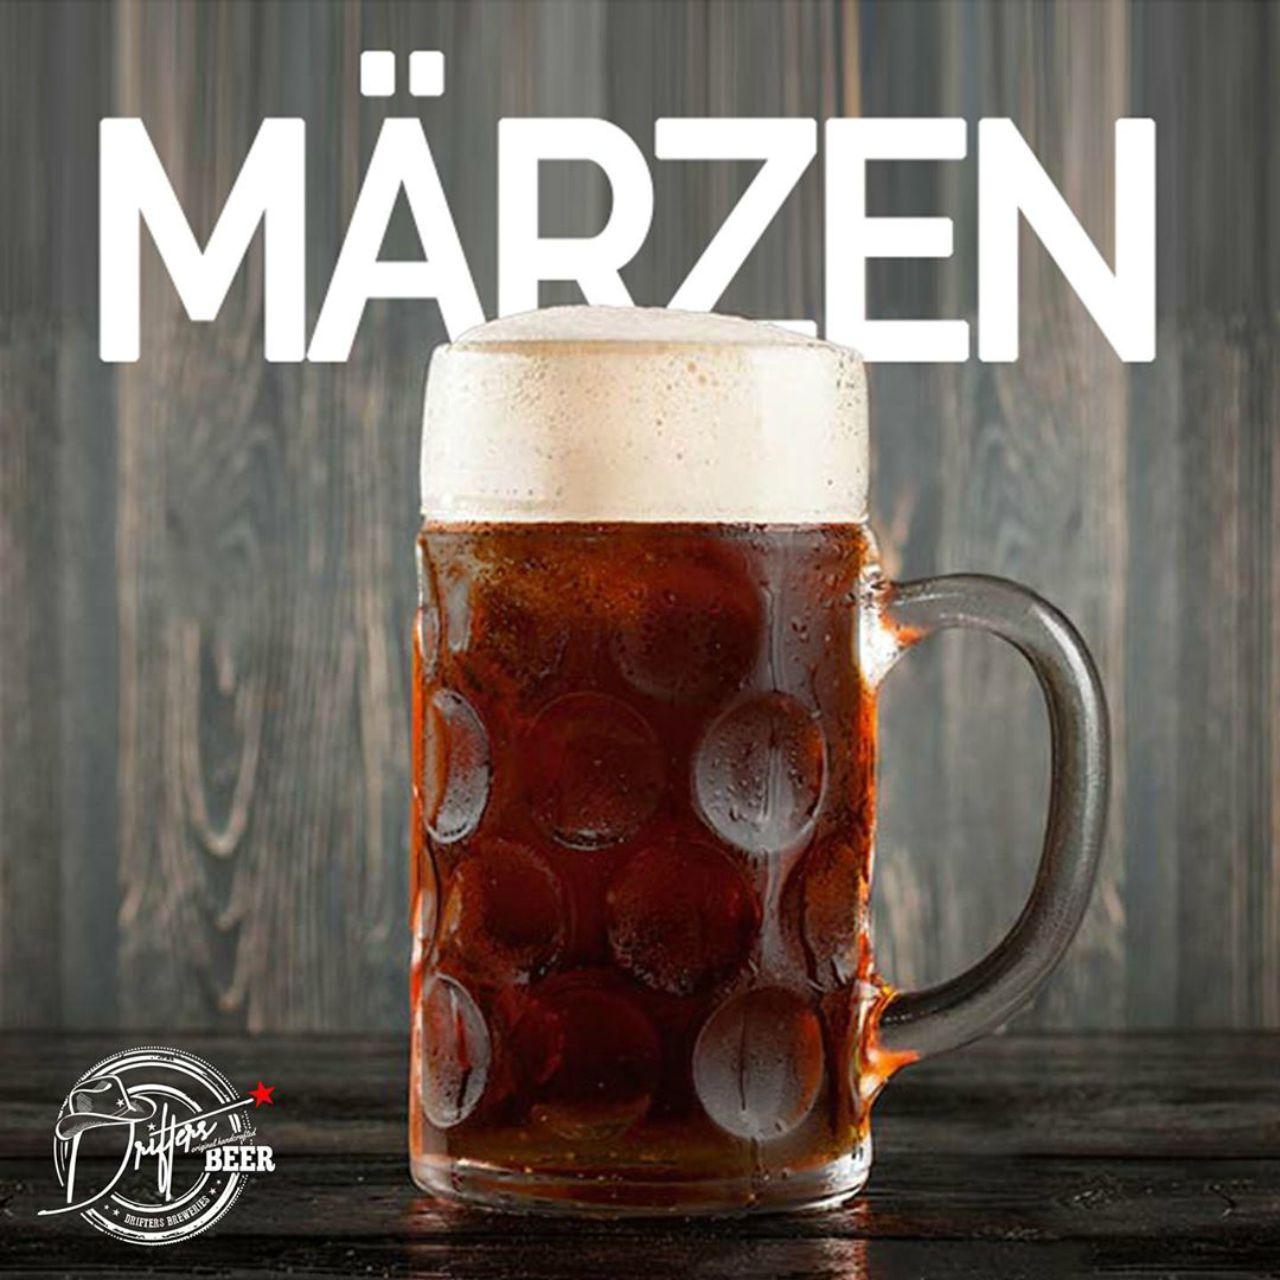 marzen traditional octoberfest beer